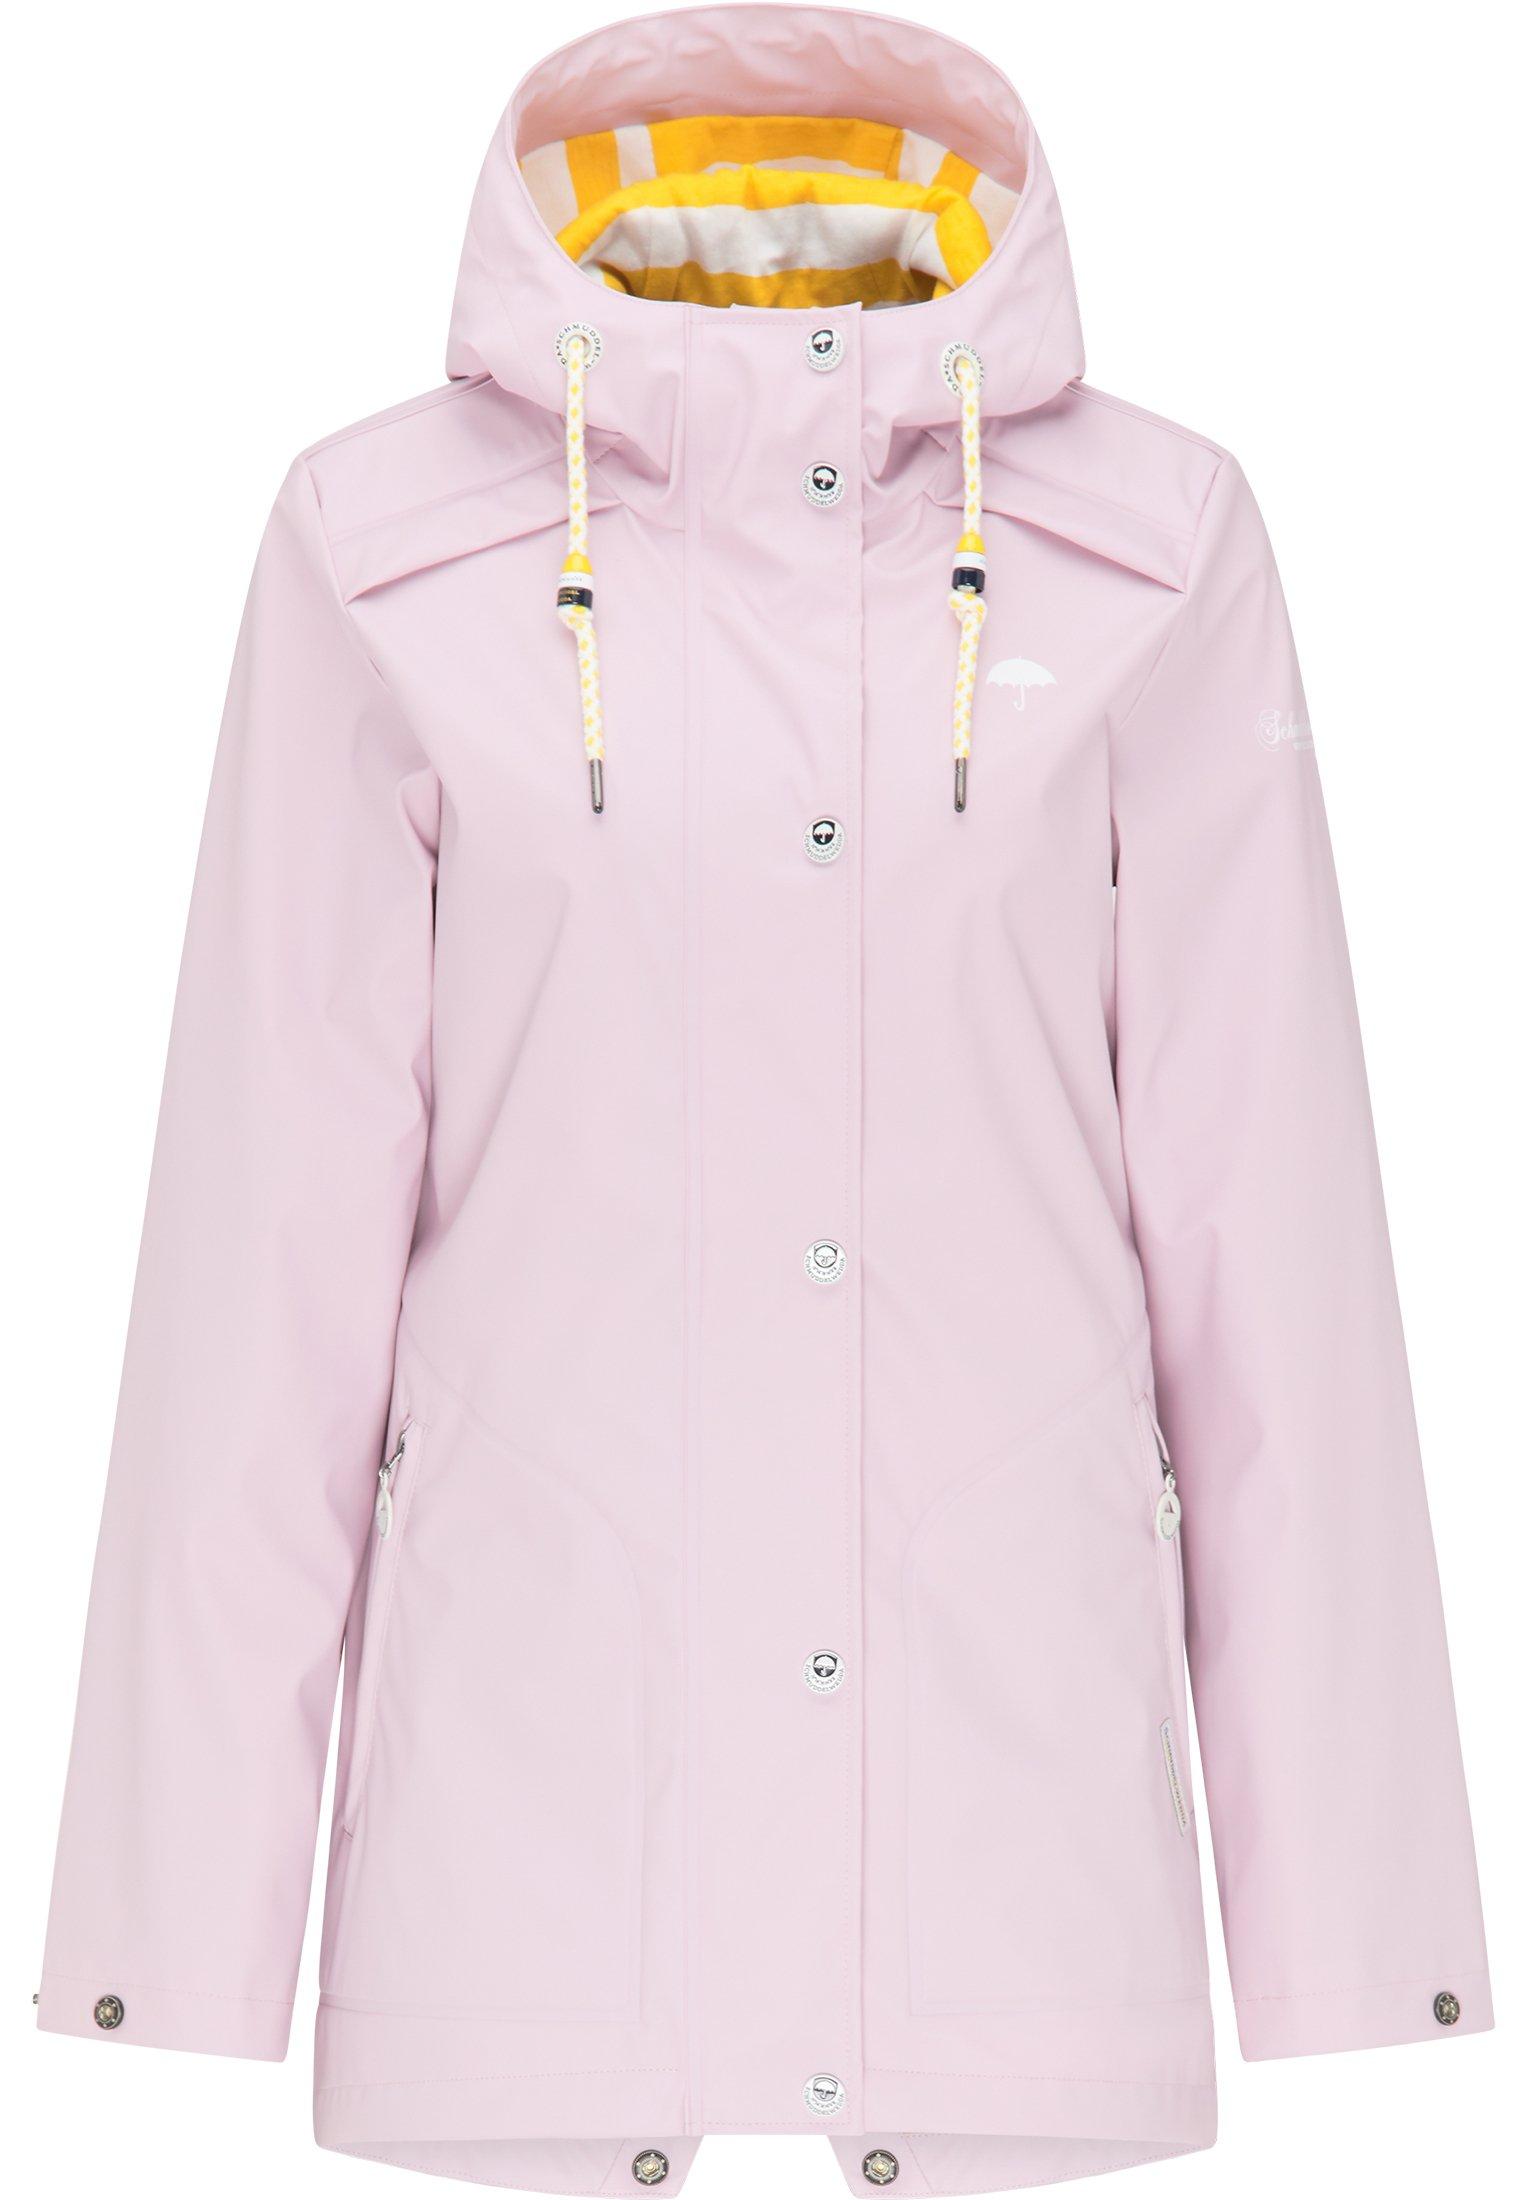 Schmuddelwedda Parka - pink